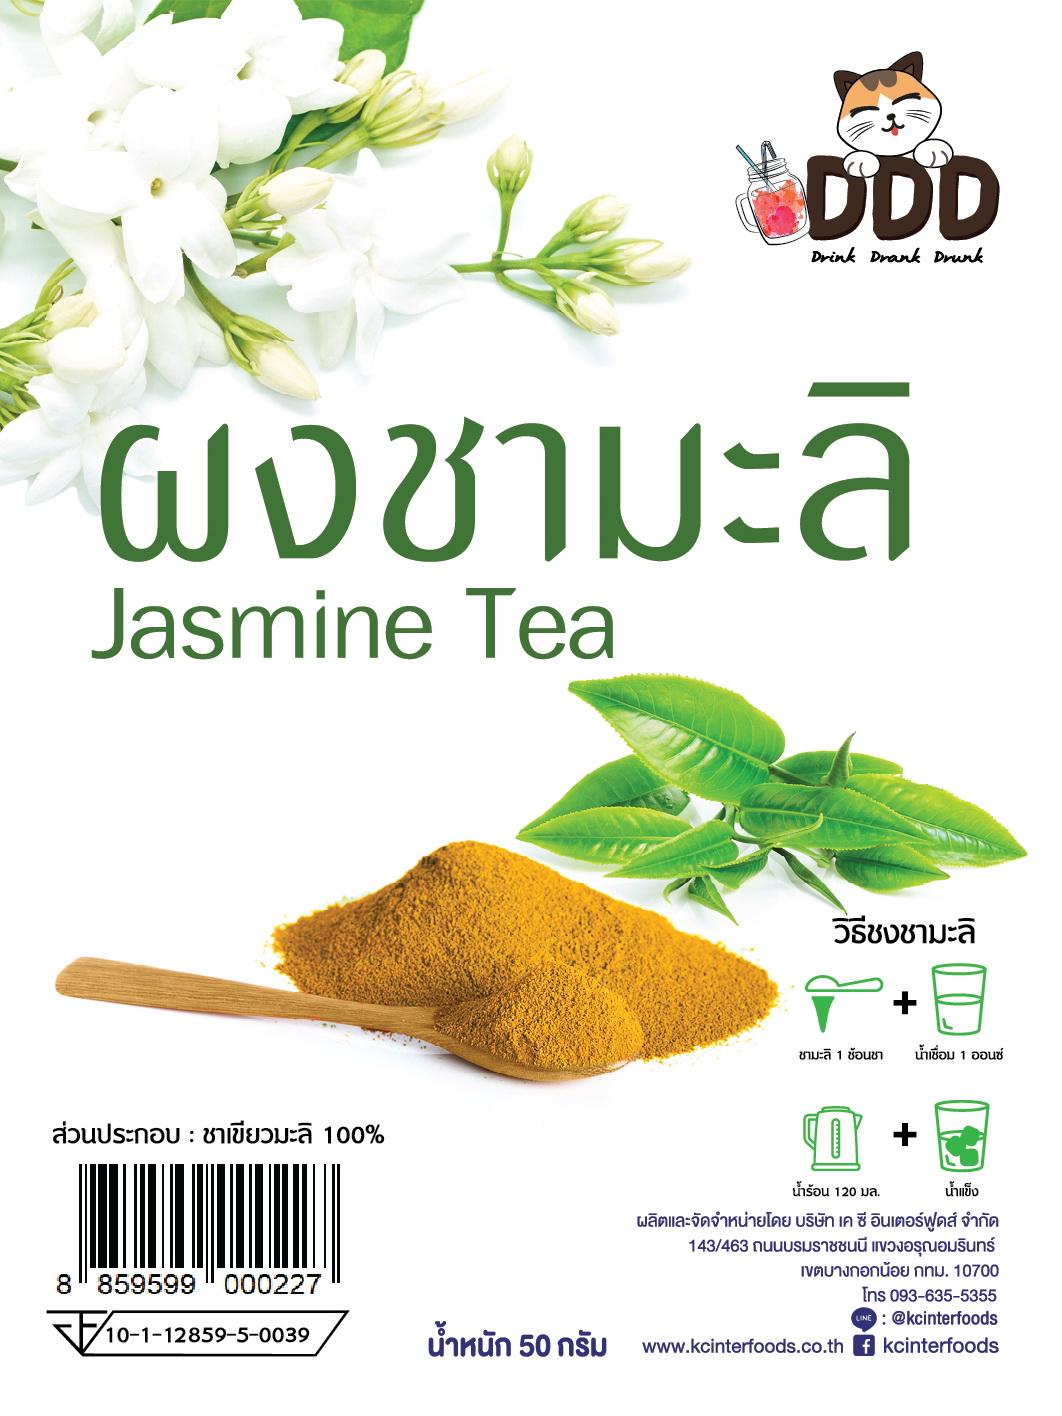 ผงชาเขียวมะลิ